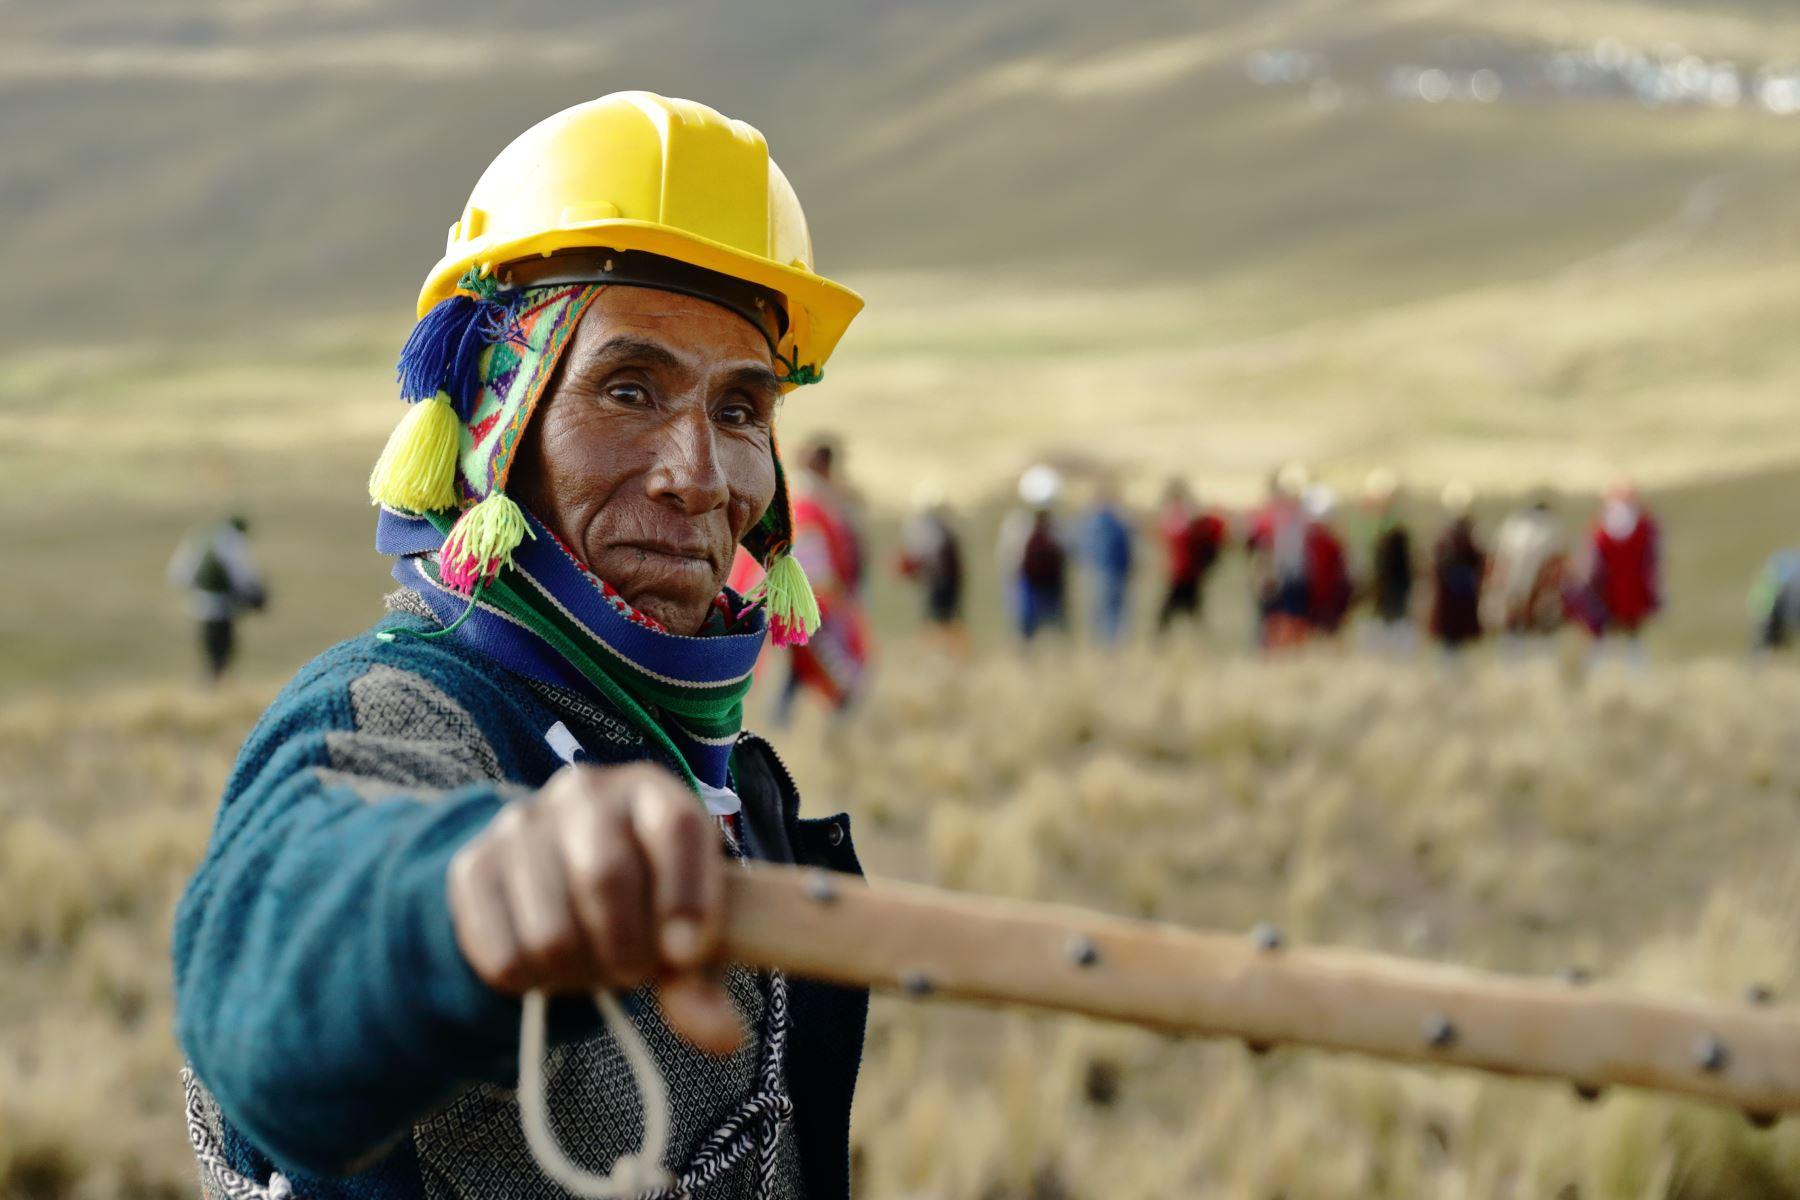 La comunidad que más terreno ocupe gana. Foto: Denis Mayhua